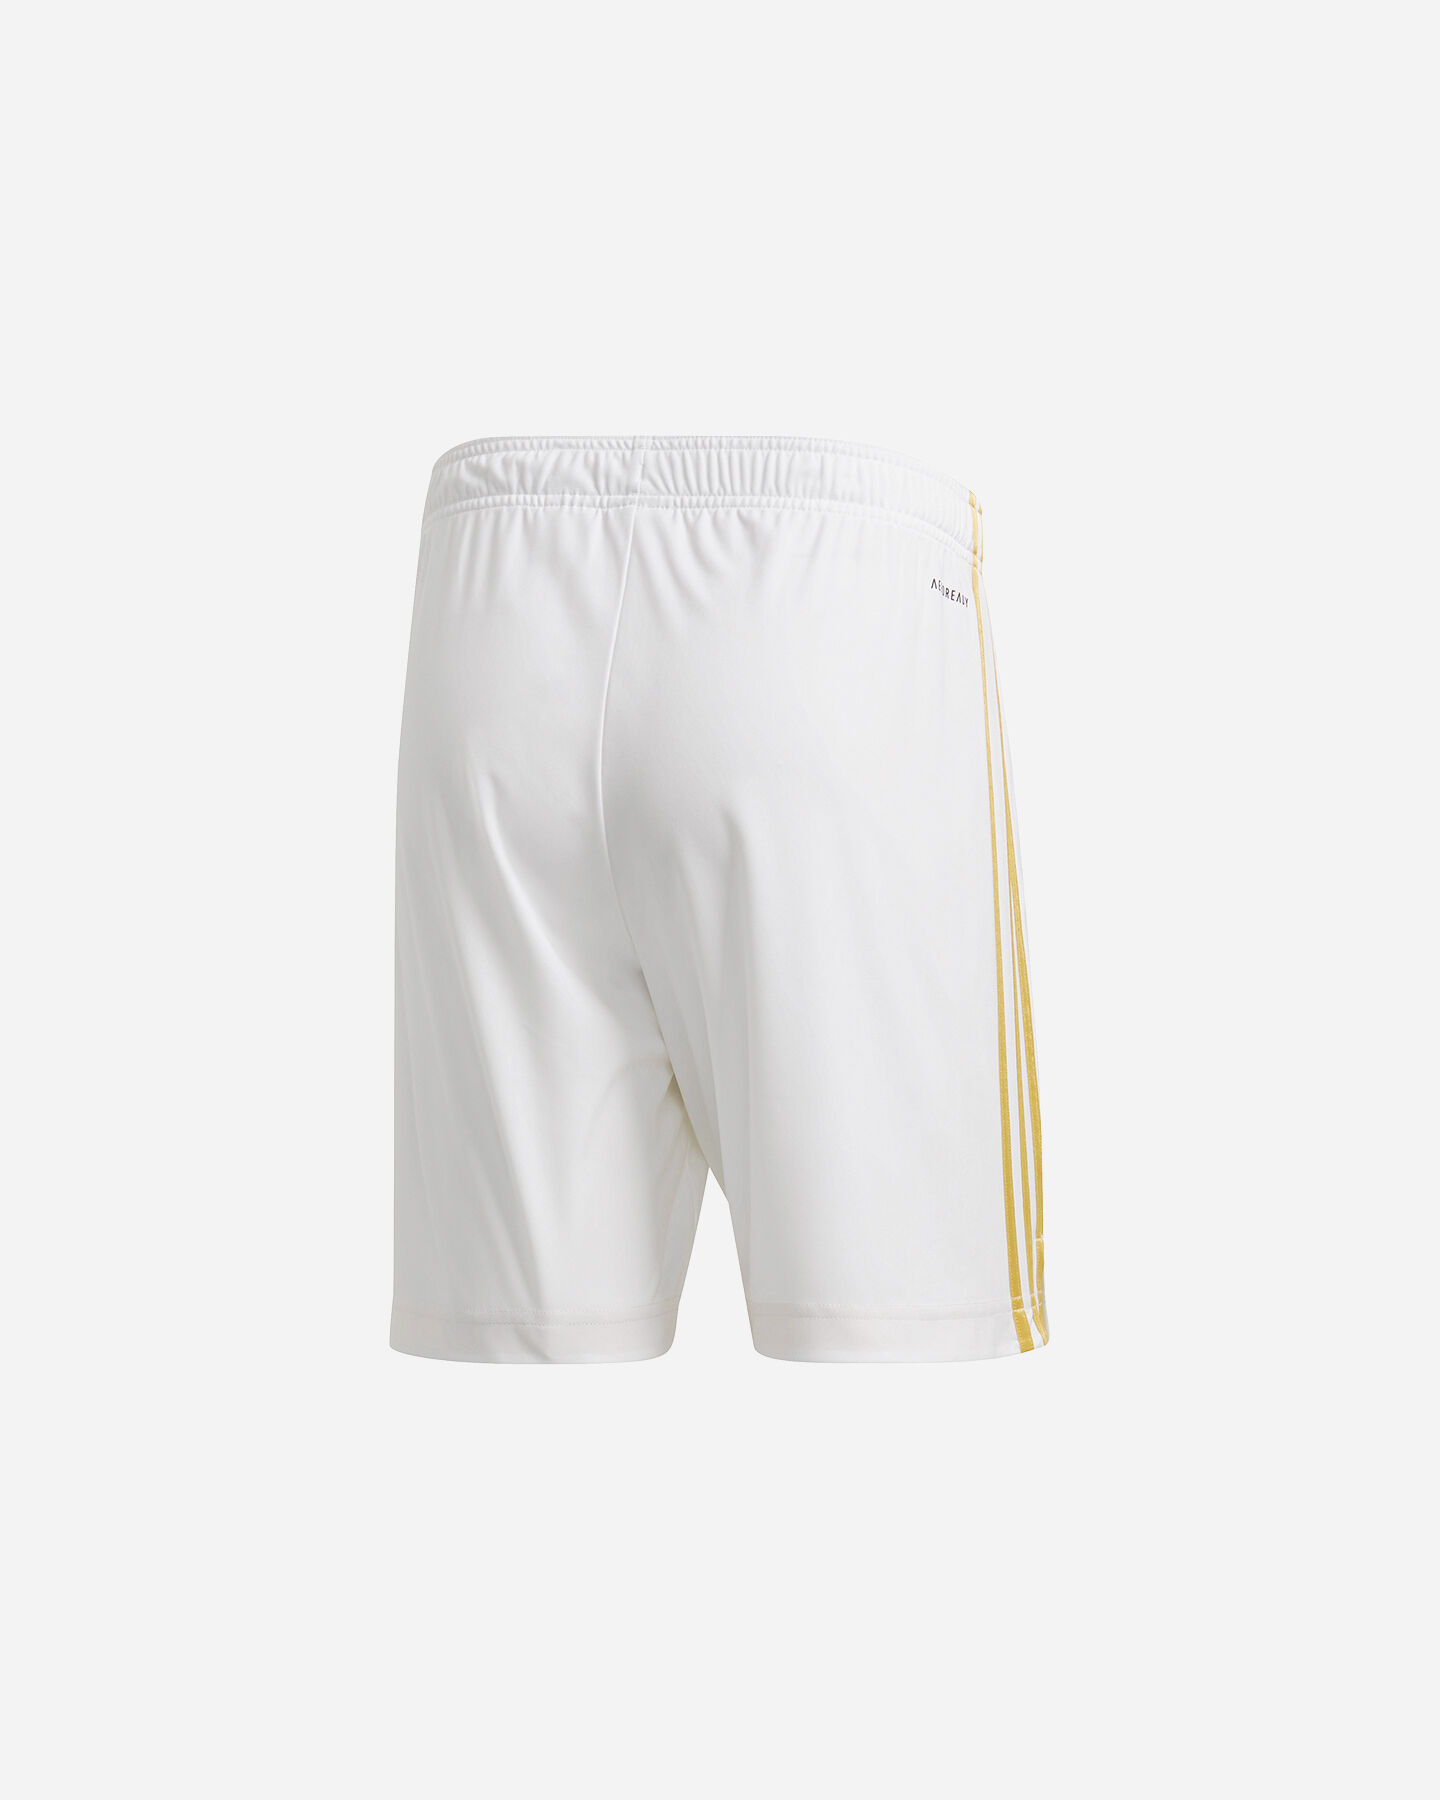 Pantaloncini calcio ADIDAS JUVENTUS HOME 20-21 M S5153453 scatto 1